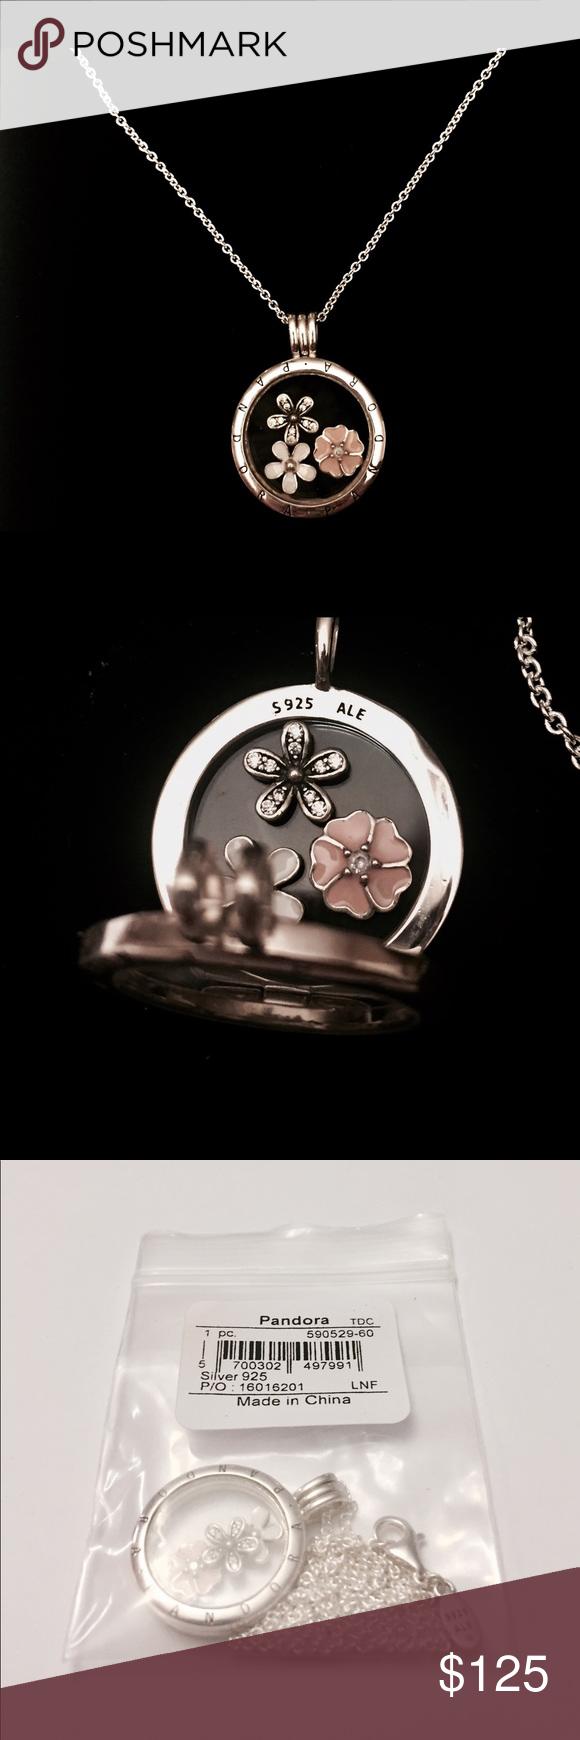 6cc1fa3da Pandora Floating Locket Necklace W/ Petites. The Necklace Comes with the Pandora  Necklace Tag and the Pandora Hinged Necklace Box. Pandora Jewelry Necklaces